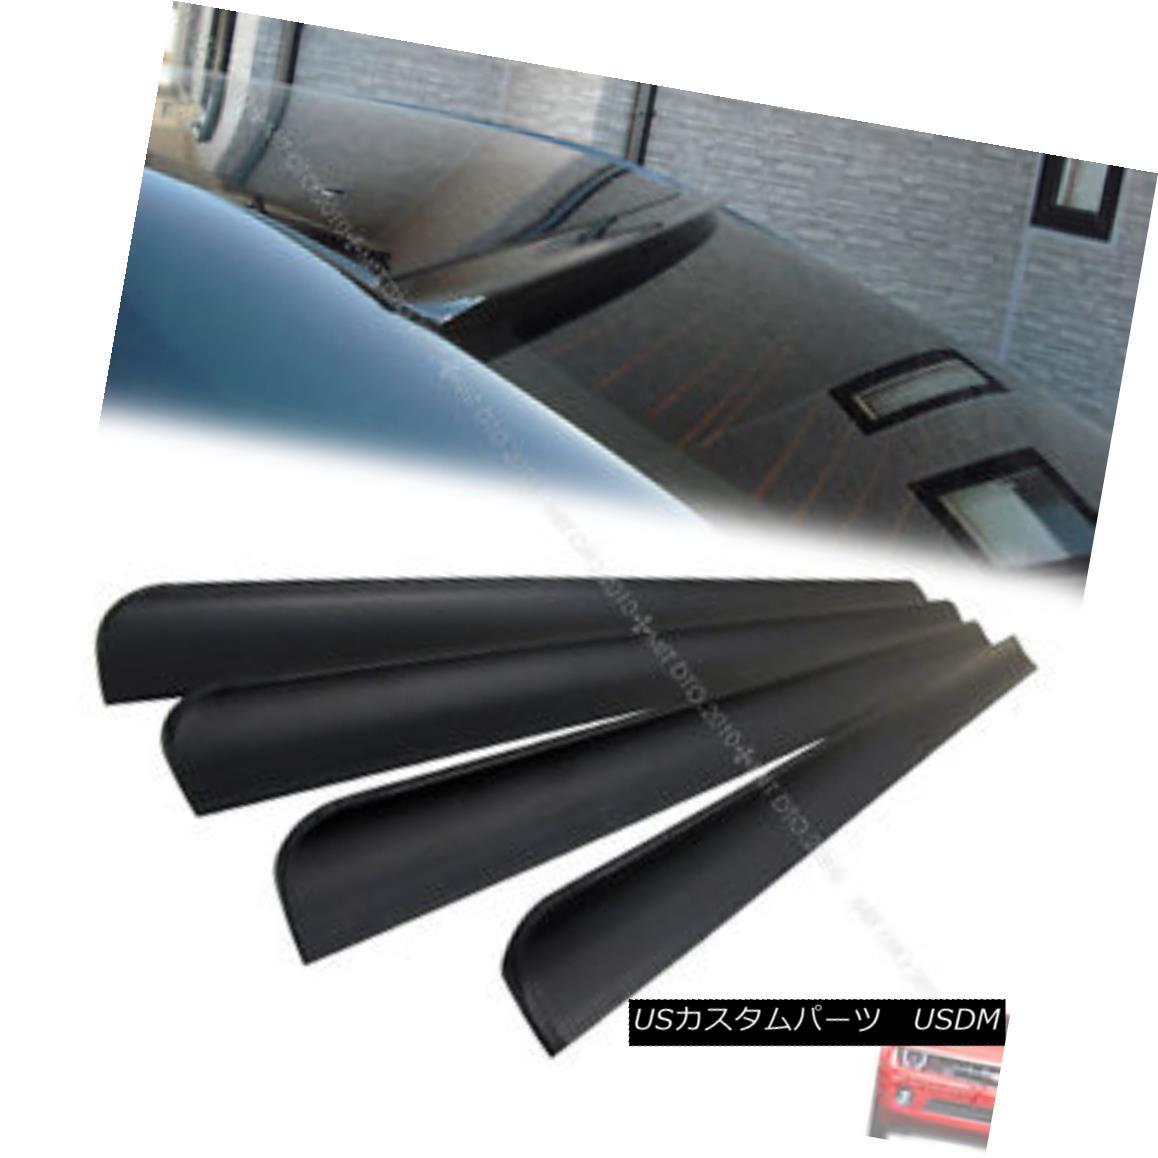 エアロパーツ Unpainted Mercedes BENZ CLS-Class W219 LCI Rear Roof Lip Spoiler Wing 07-10 § 未塗装メルセデスベンツCLSクラスW219 LCIリアルーフリップスポイラーウイング07-10